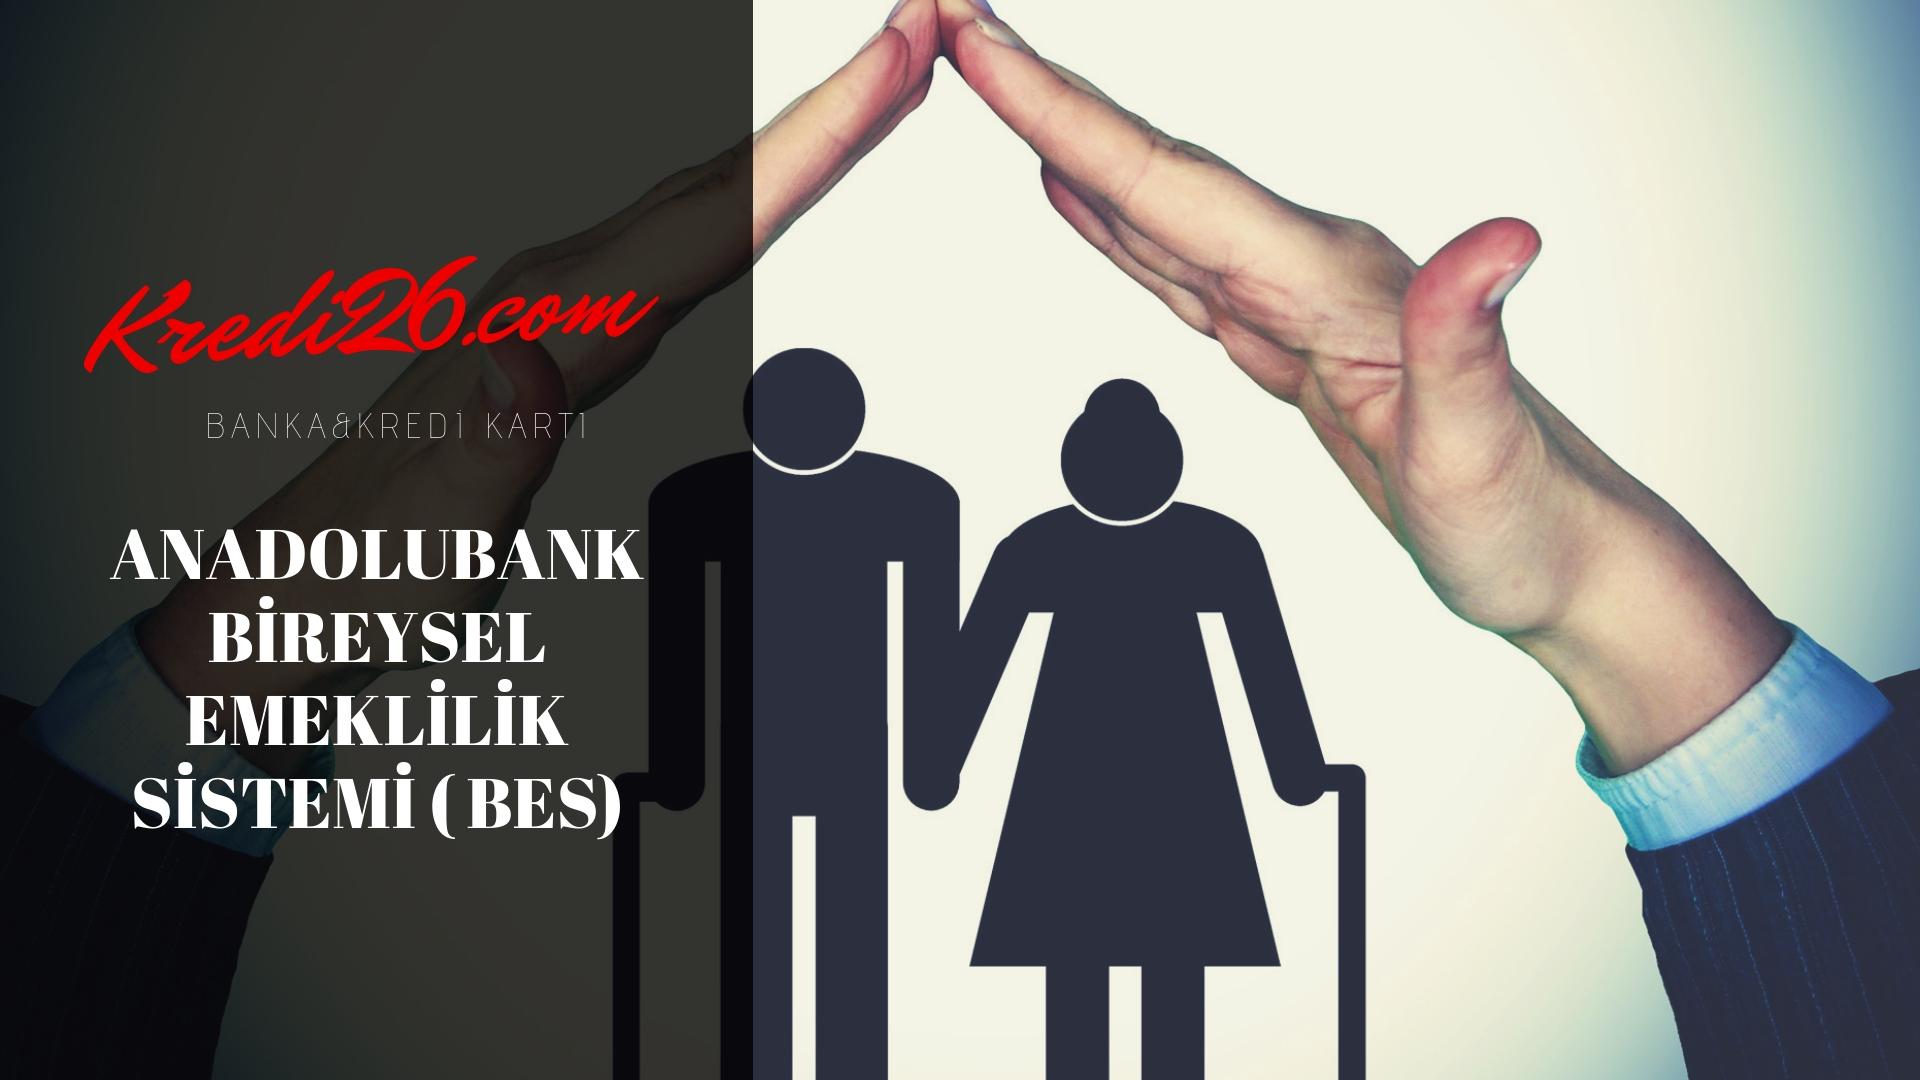 Bireysel Emeklilik Sisteminde Otomatik Katılım - Anadolubank